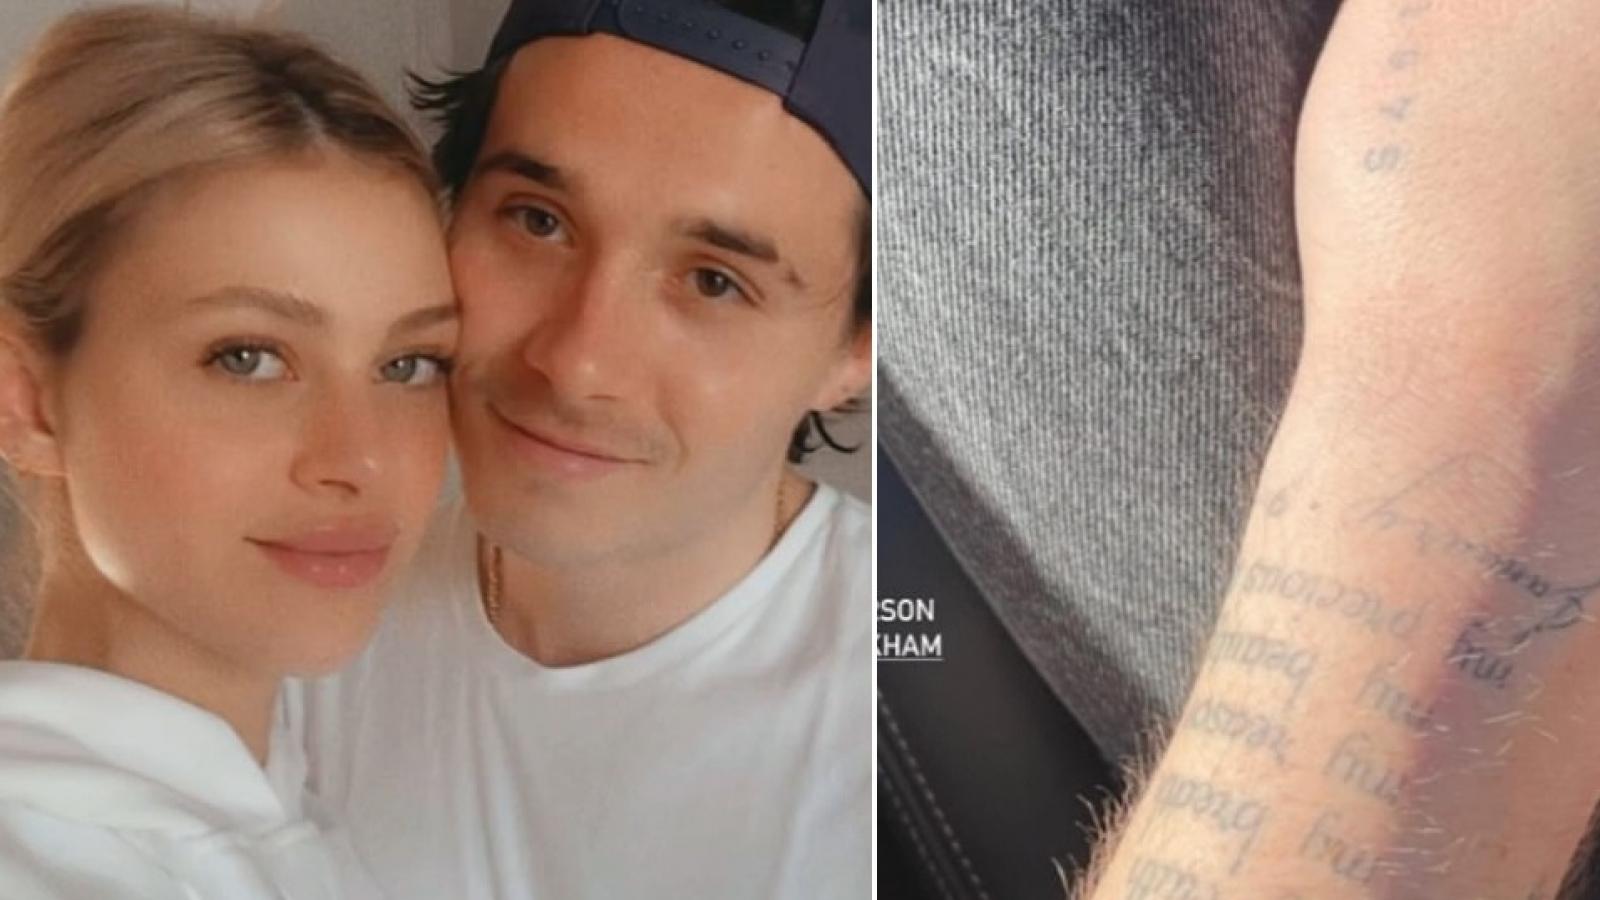 Con trai David Beckham thể hiện tình cảm với vợ sắp cưới bằng loạt hình xăm mới